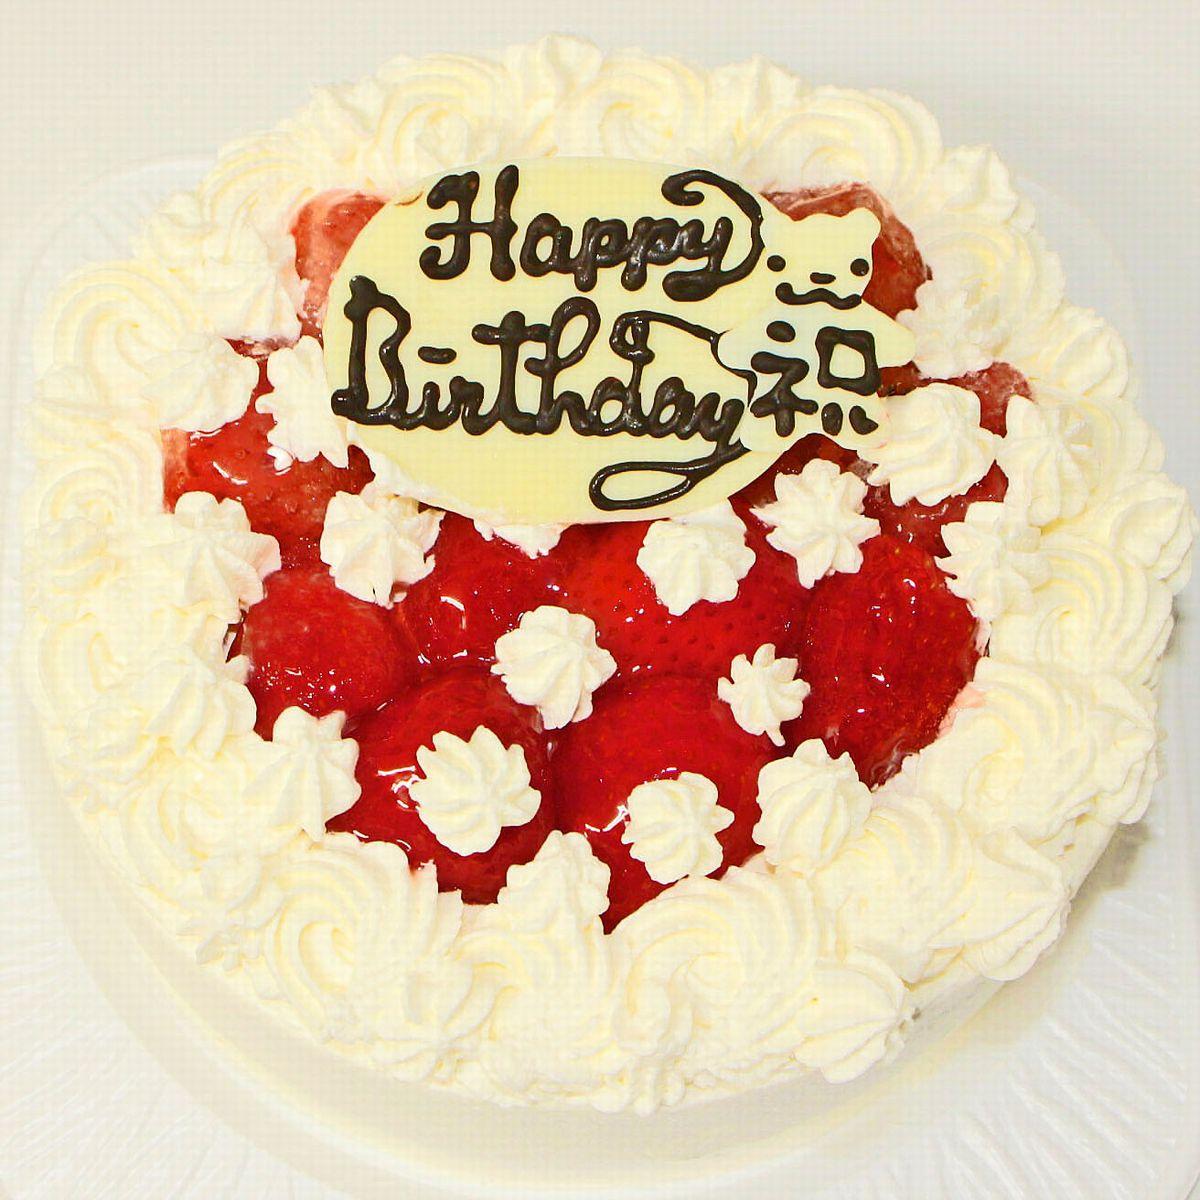 いちご生クリームケーキ7号 送料込み いちごケーキ 誕生日 バースデー デコレーション 甘さ控えめ パーティー ギフト メッセージプレート 大きいサイズ